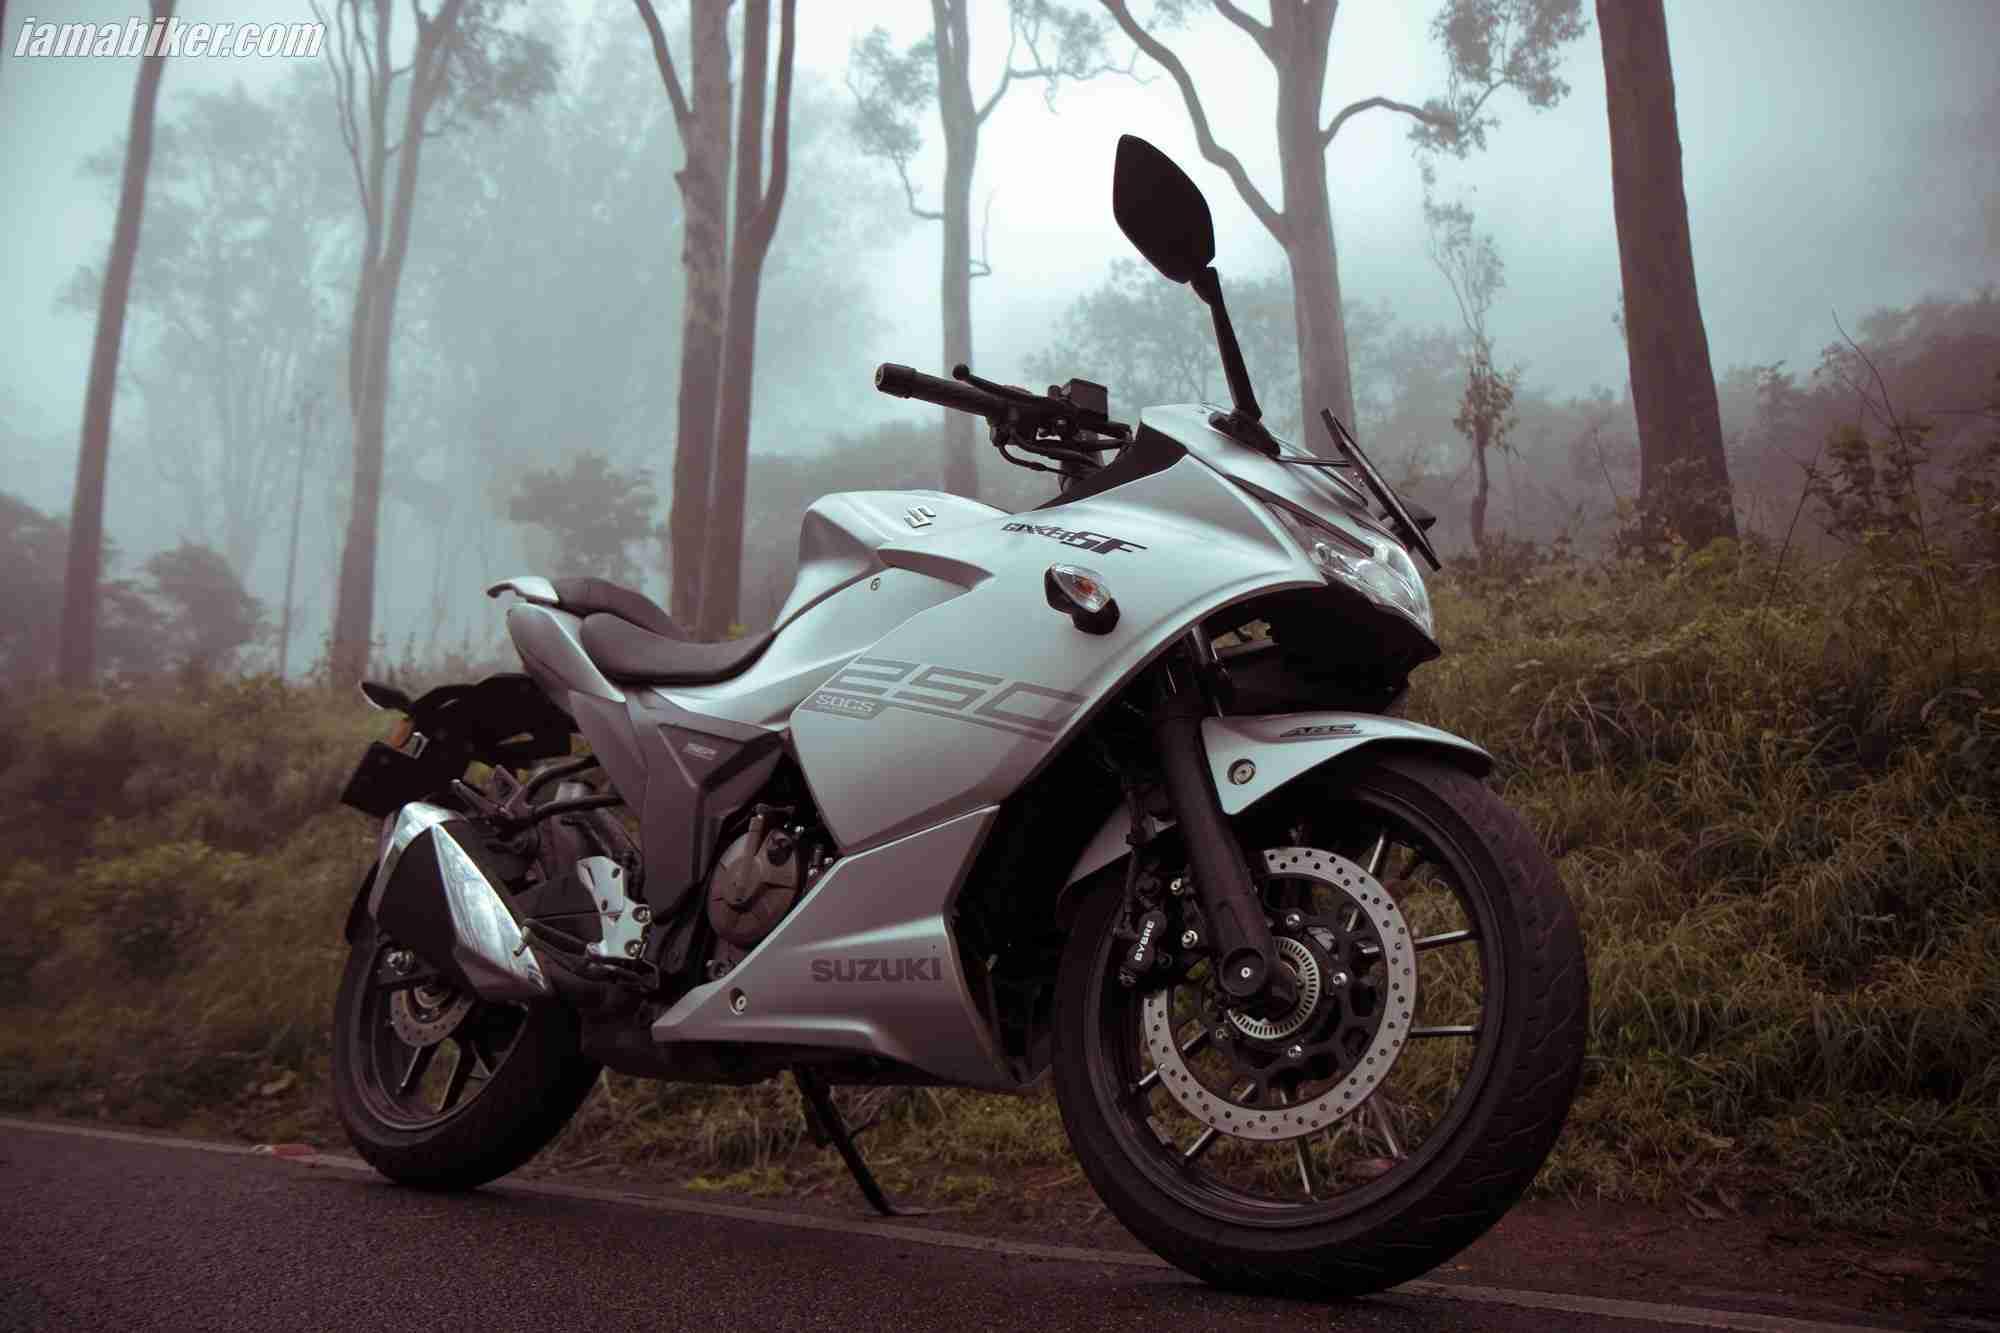 Suzuki Gixxer SF 250 review